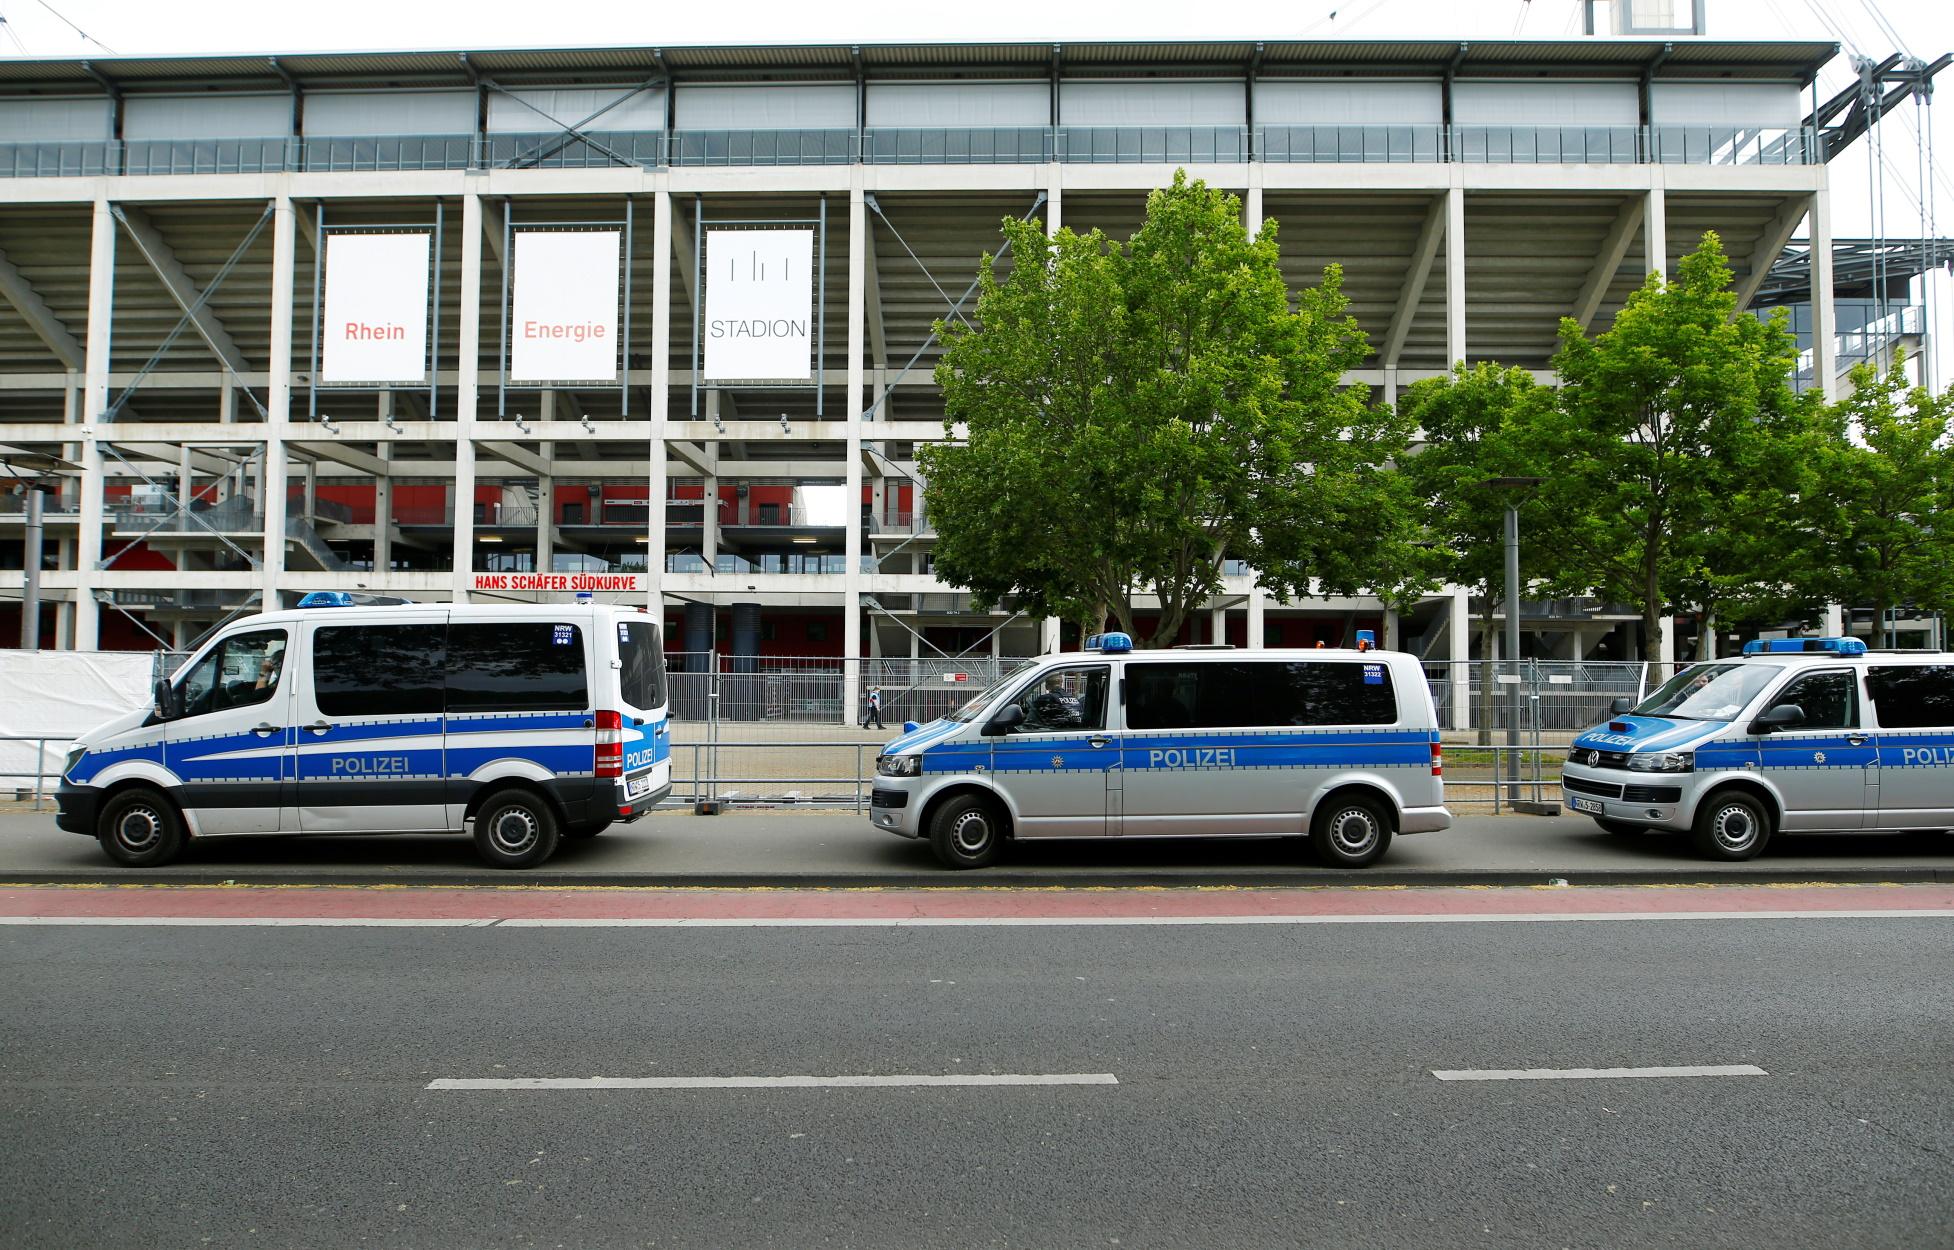 Σoκ στη Γερμανία! Νηπιαγωγός ύποπτη για μία δολοφονία νηπίου και επιθέσεις σε άλλα παιδάκια